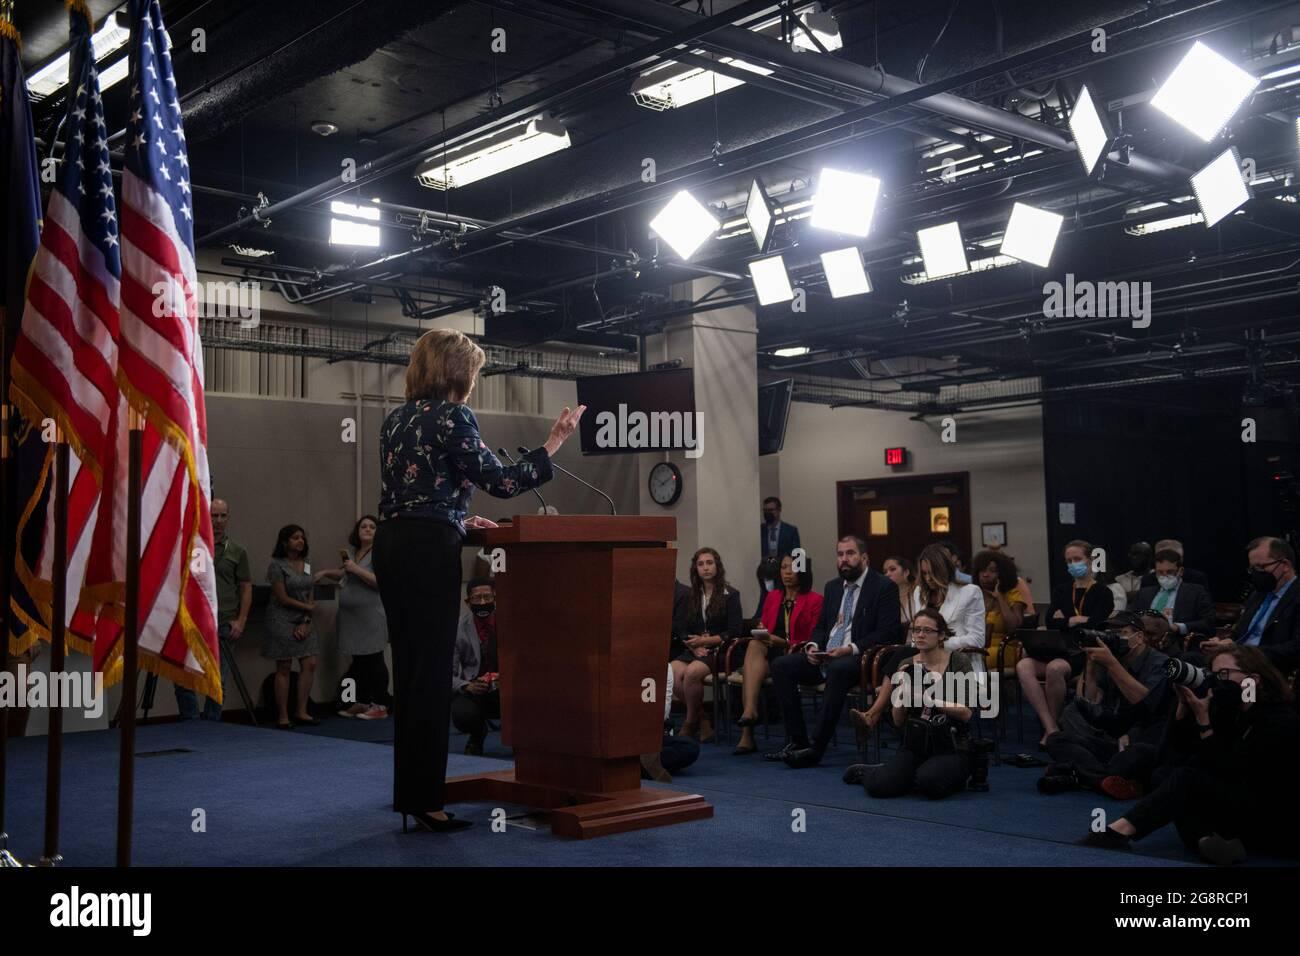 Washington, États-Unis d'Amérique. 22 juillet 2021. La Présidente de la Chambre des représentants des États-Unis Nancy Pelosi (démocrate de Californie) fait des remarques lors de sa conférence de presse hebdomadaire au Capitole des États-Unis à Washington, DC, le jeudi 22 juillet 2021. Crédit: Rod Lamkey/CNP/Sipa USA crédit: SIPA USA/Alay Live News Banque D'Images